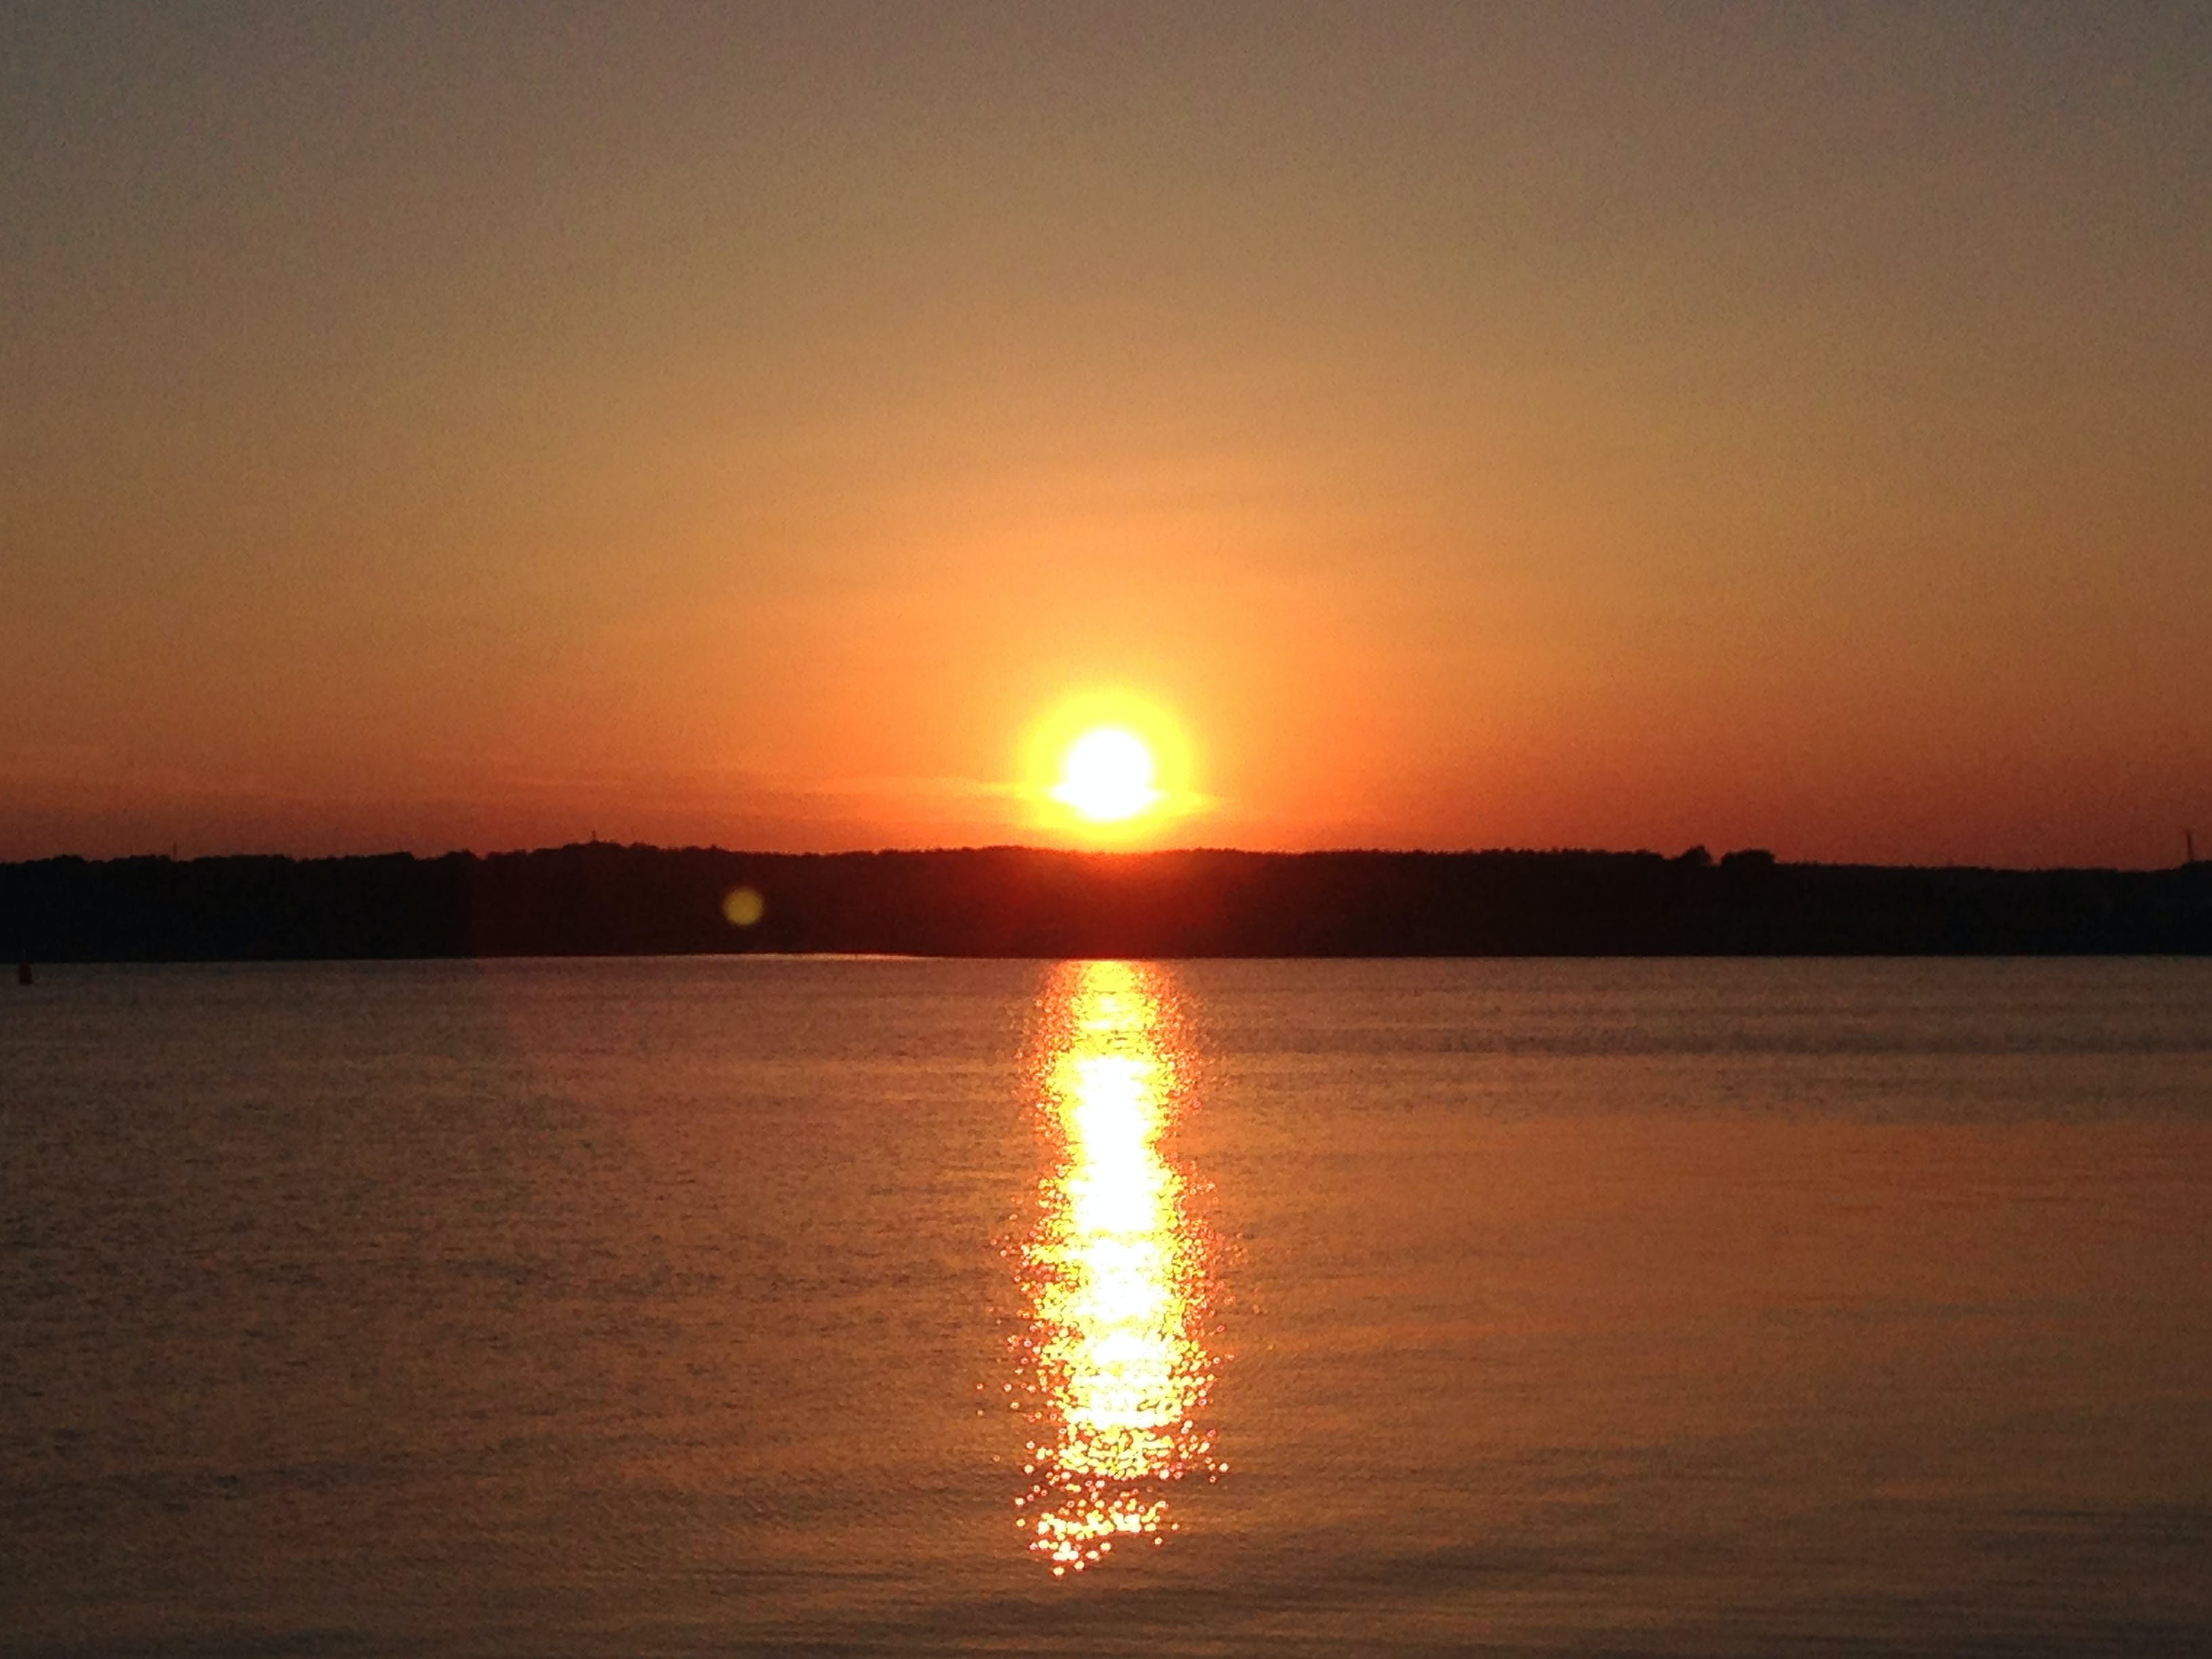 Free stock photo of sea, sunset, night, sun